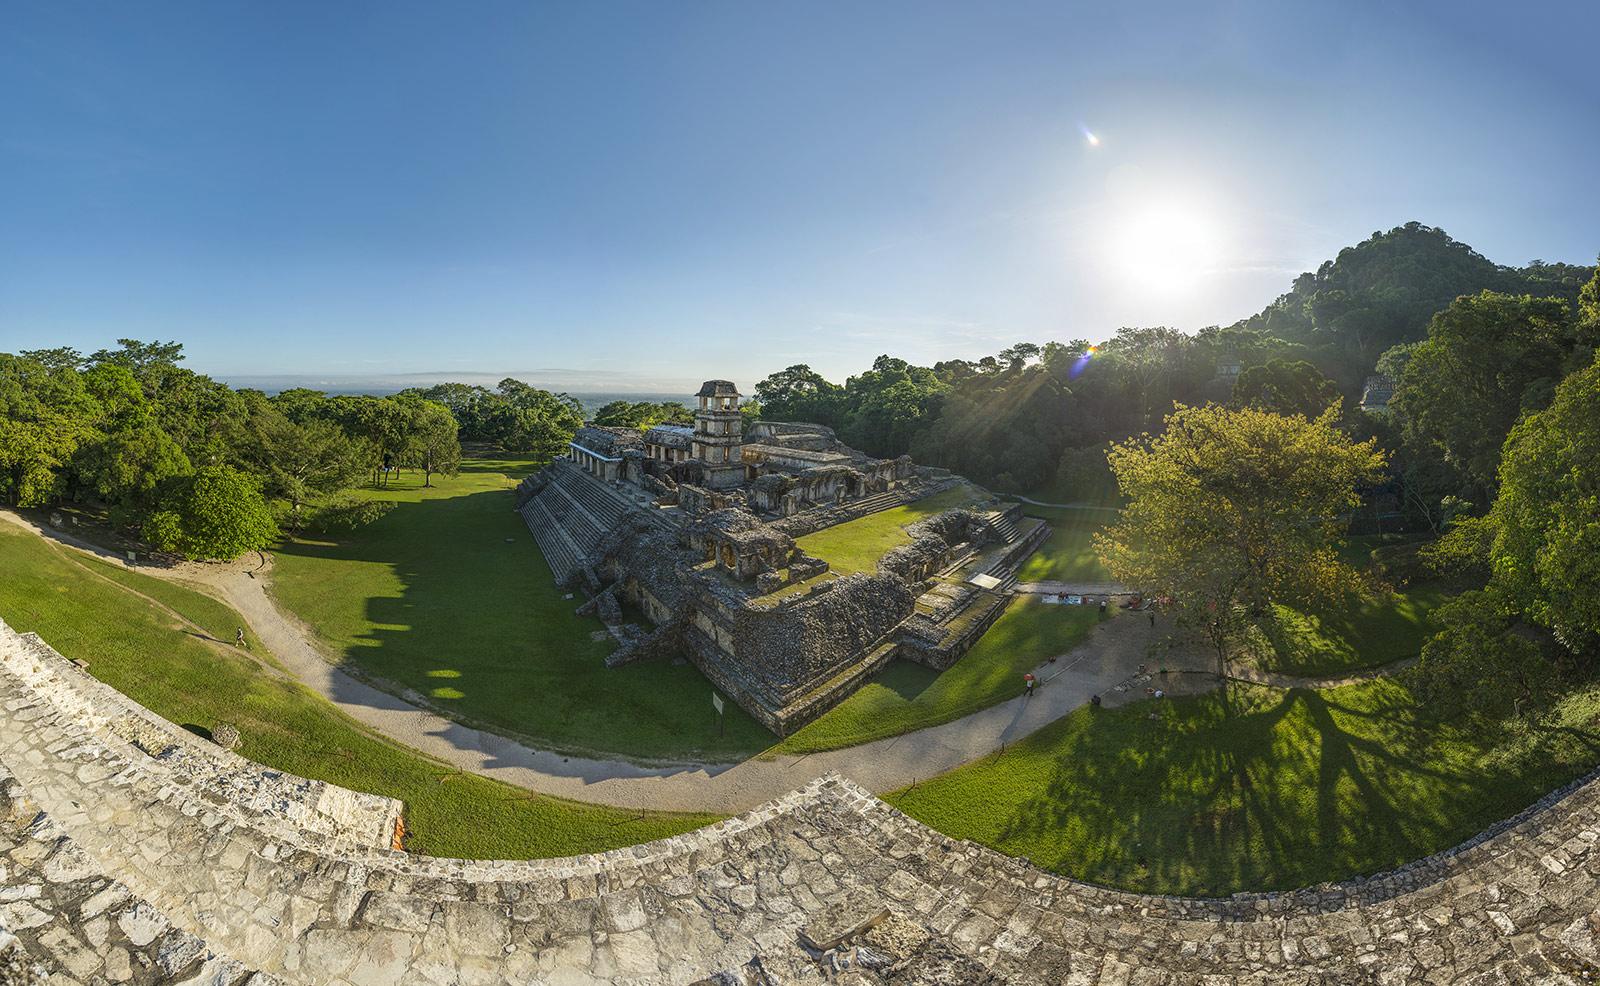 Palenque-Chiapas-Jorge-Carlos-Alvarez